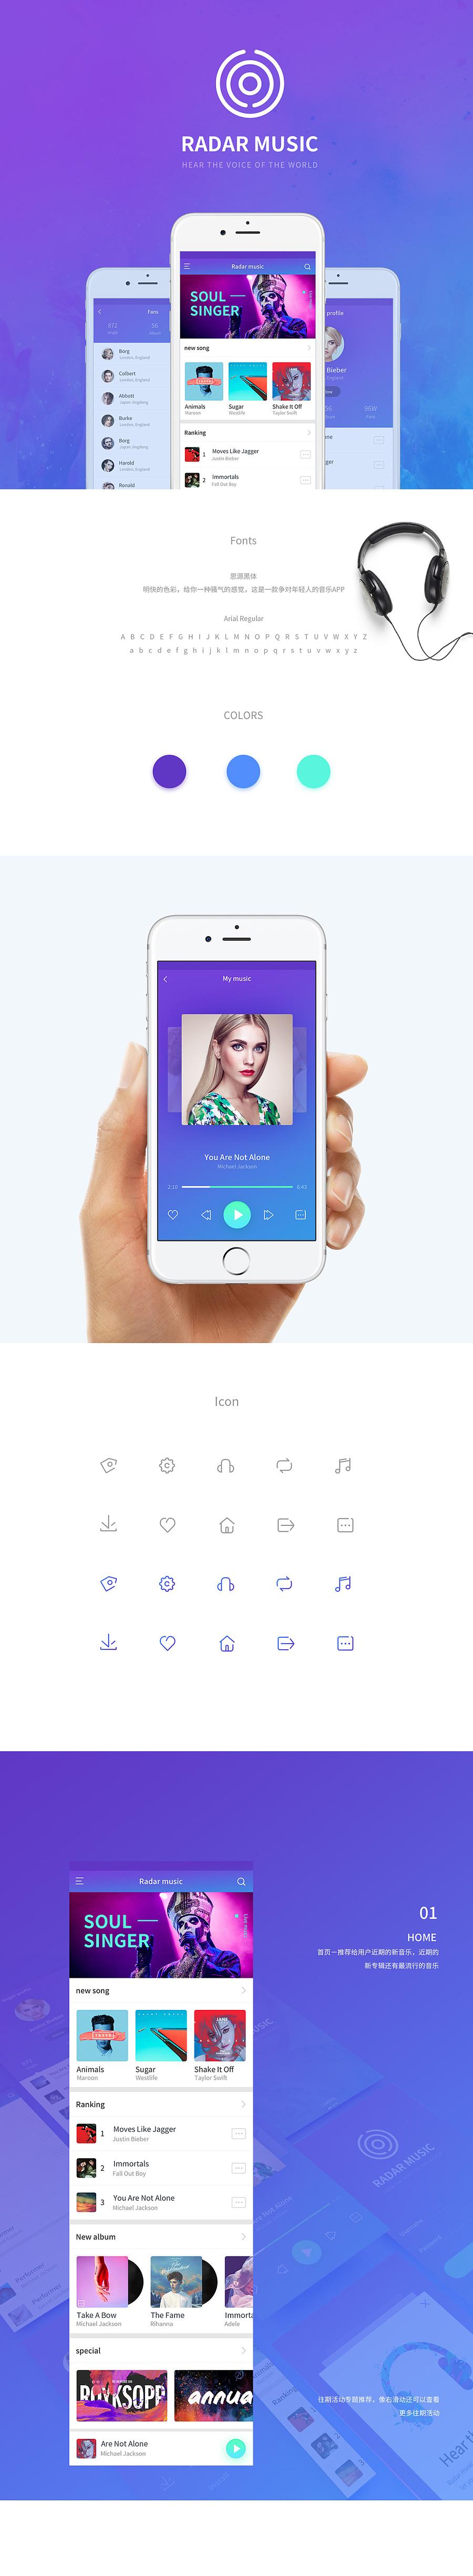 查看《2016 UI(psd分享)》原图,原图尺寸:1200x6535